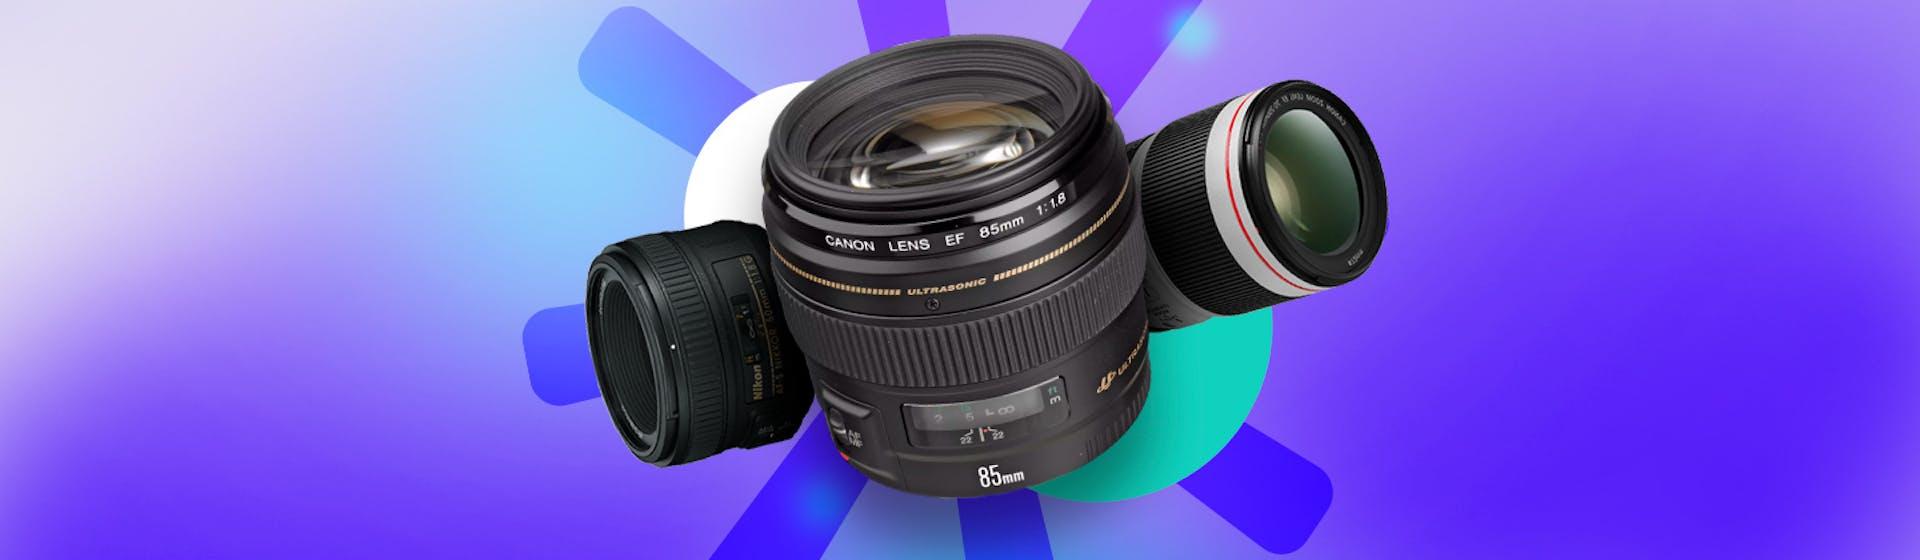 ¿No sabes qué lente usar para retratos? Conoce las recomendaciones de las profesoras de Crehana